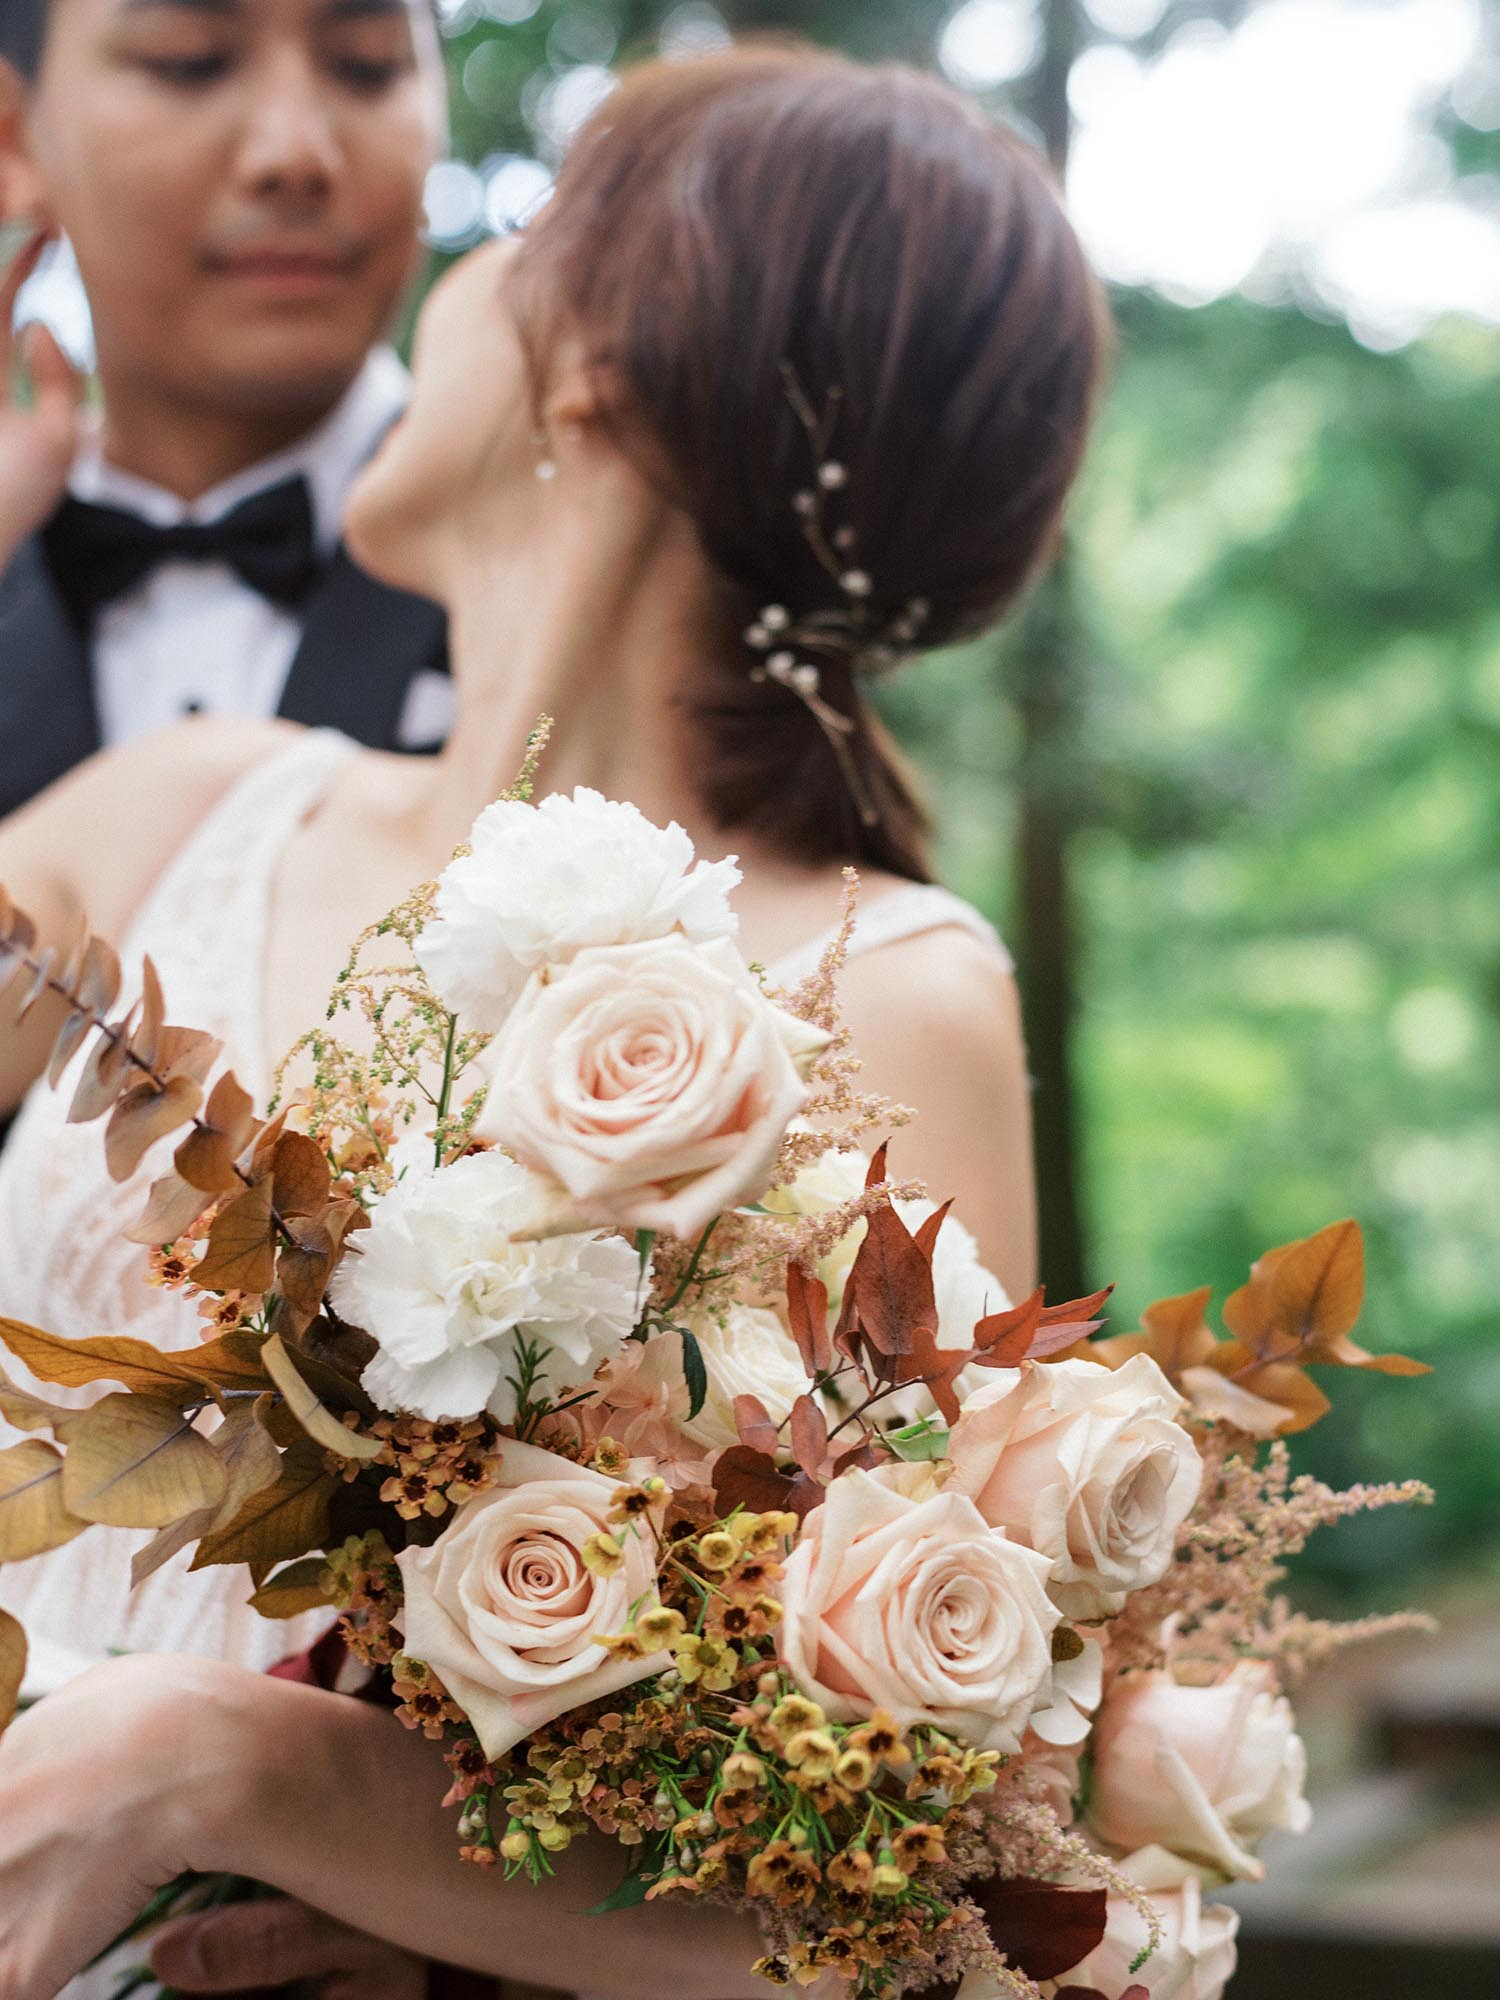 新娘捧花-吉兒梁-森林-東眼山-美式婚紗-唯諾法式-